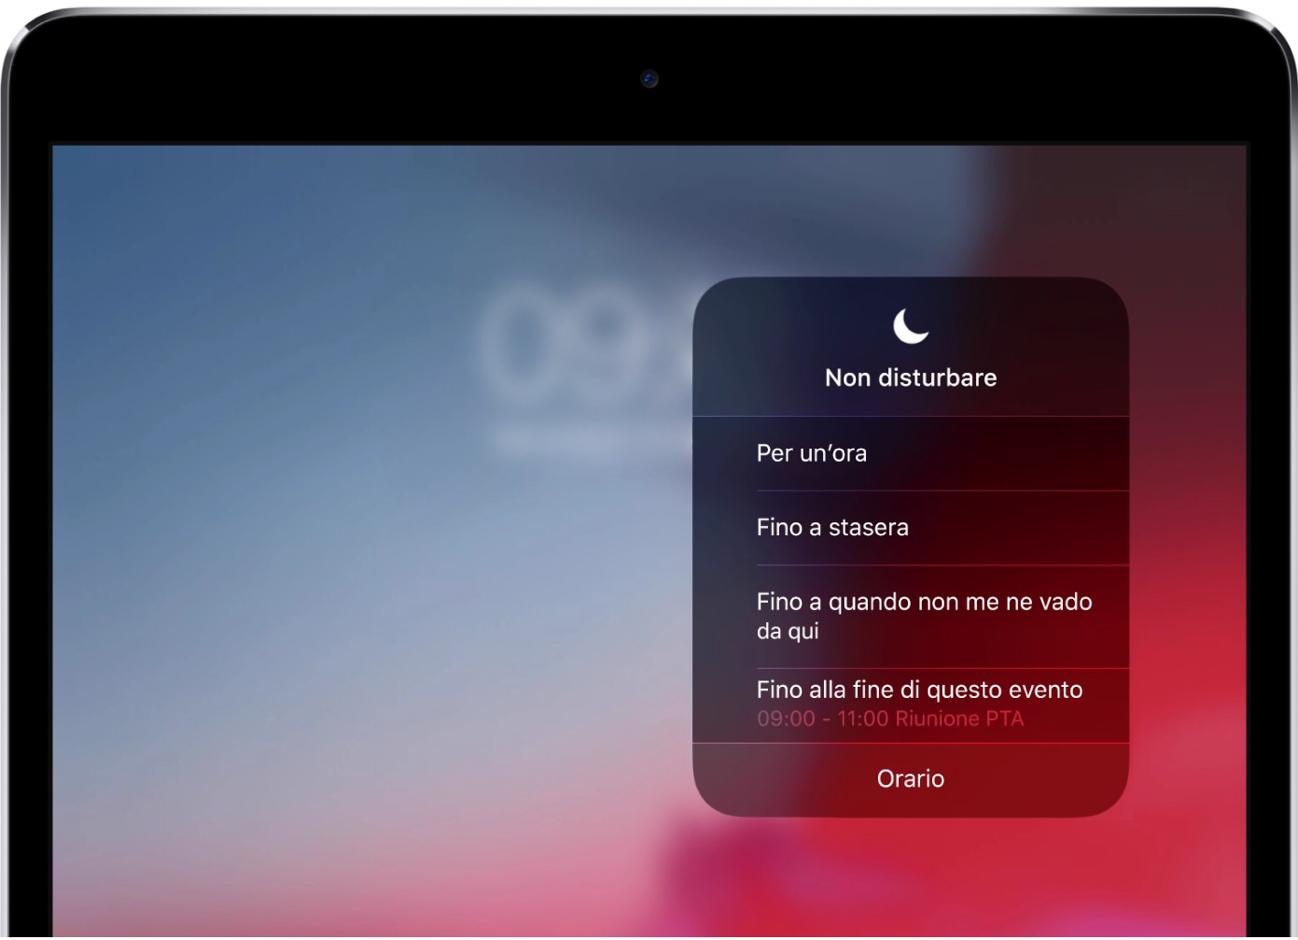 Non disturbare iOS 12